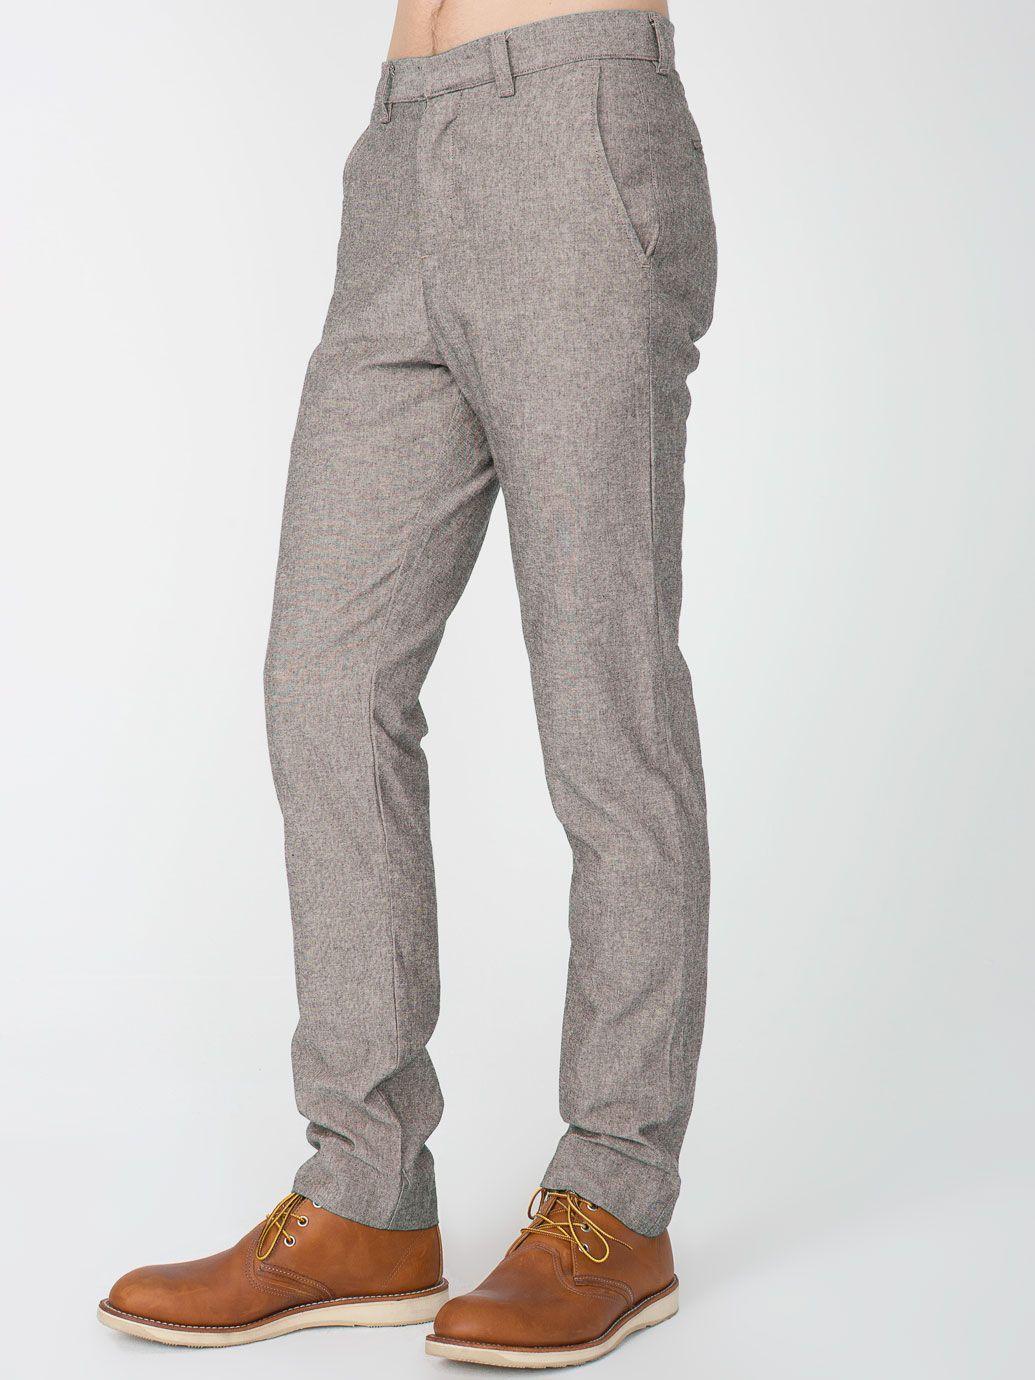 Pastel Pants For Men